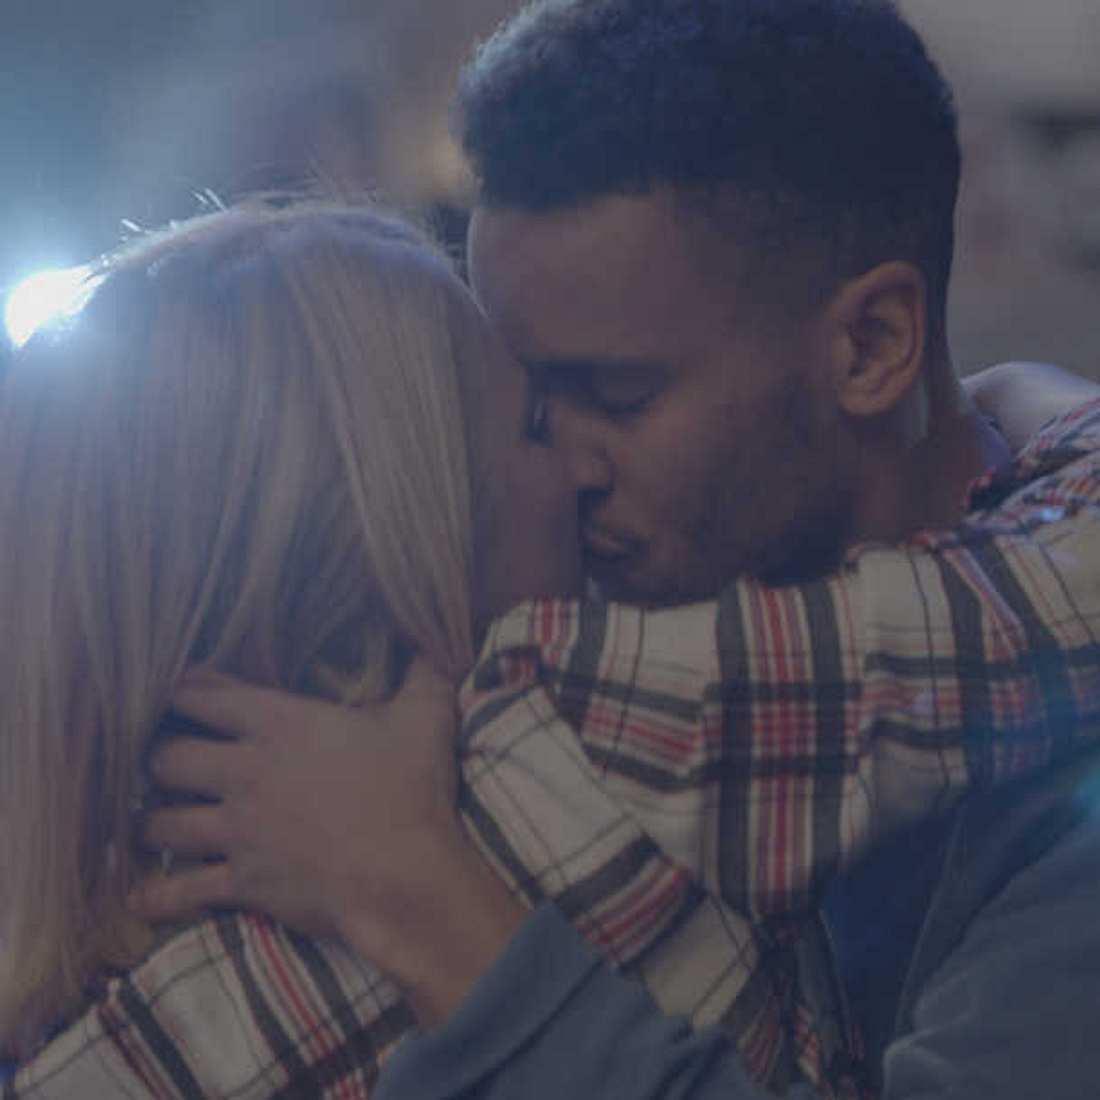 GZSZ-Liebe: So romantisch wird das Wiedersehen von Lilly und Amar!